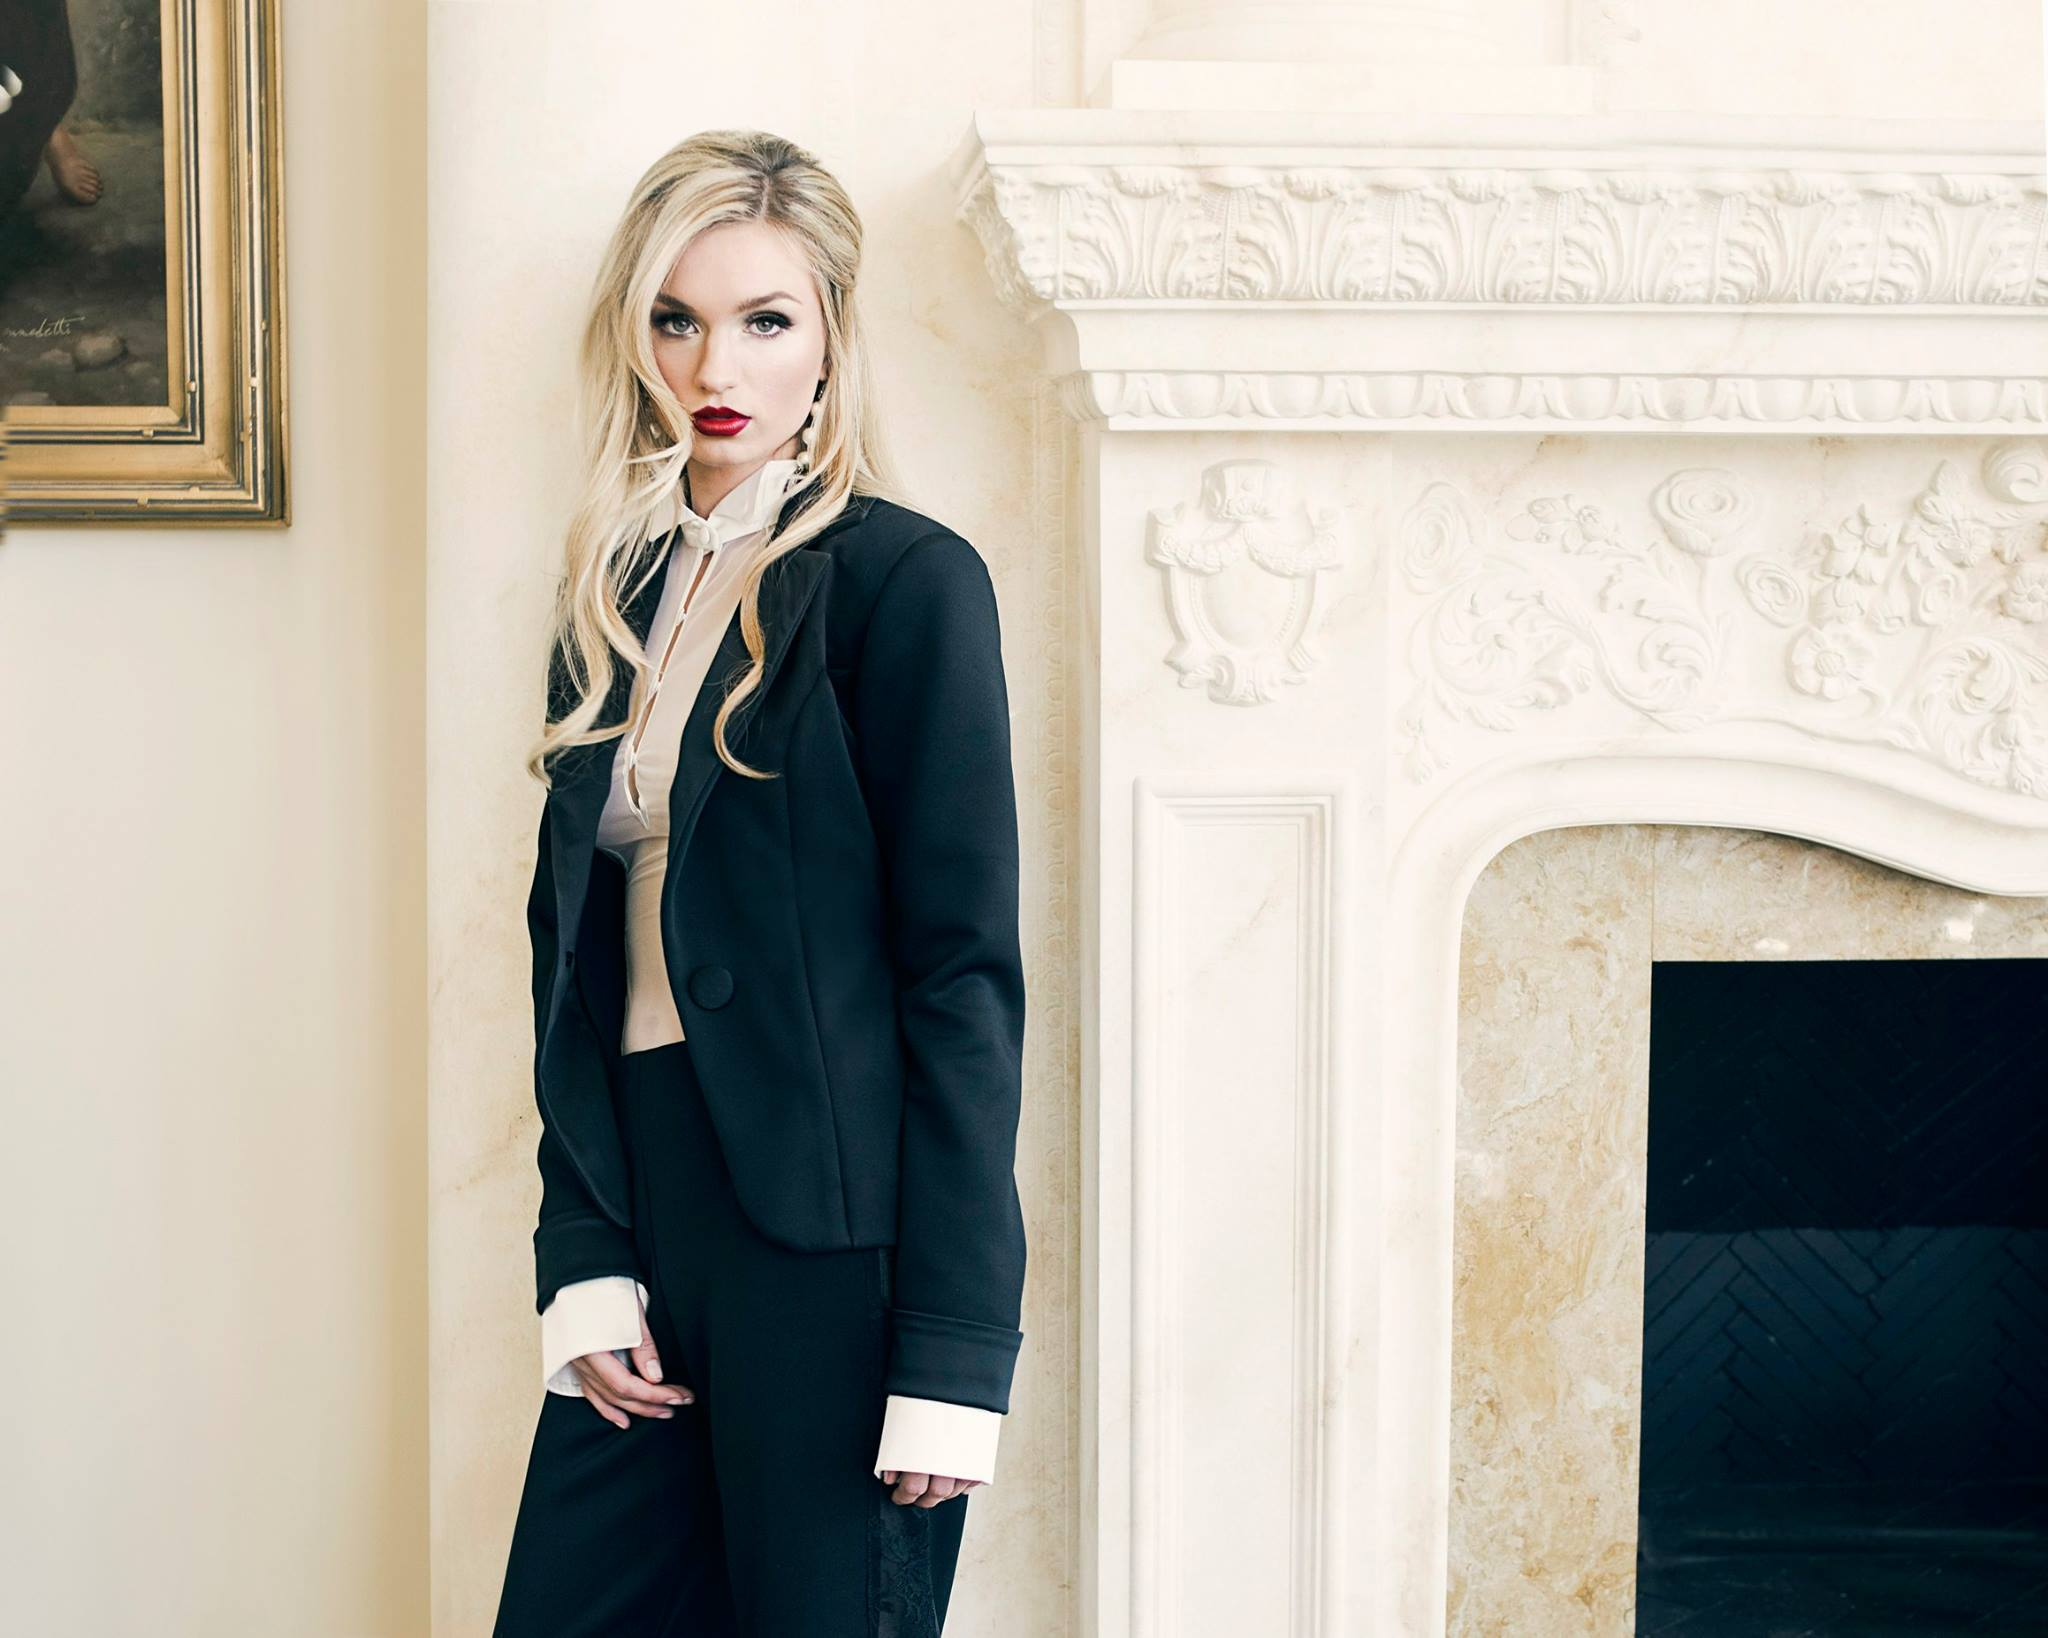 woman in suit editorial.jpg